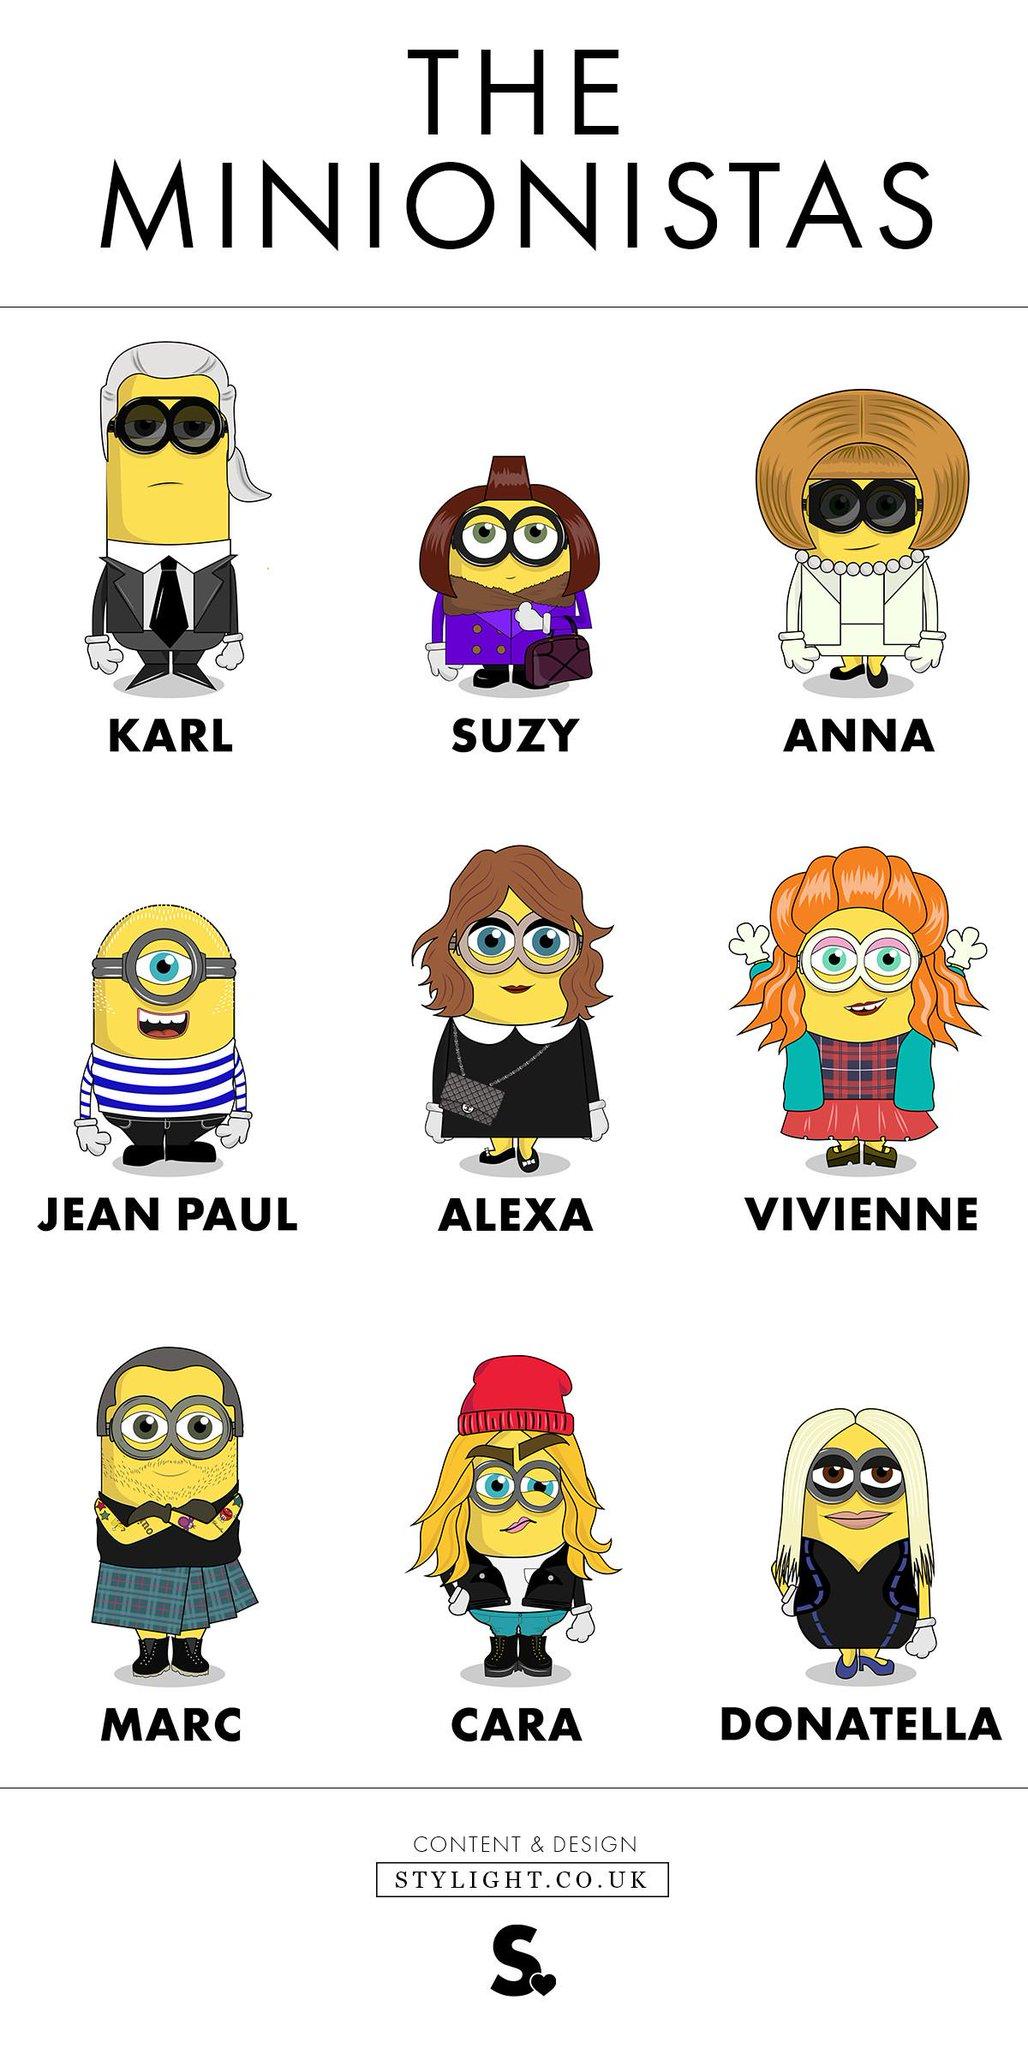 (parentesi) ma i Minionistas? #Minions http://t.co/AWo5xorr3G